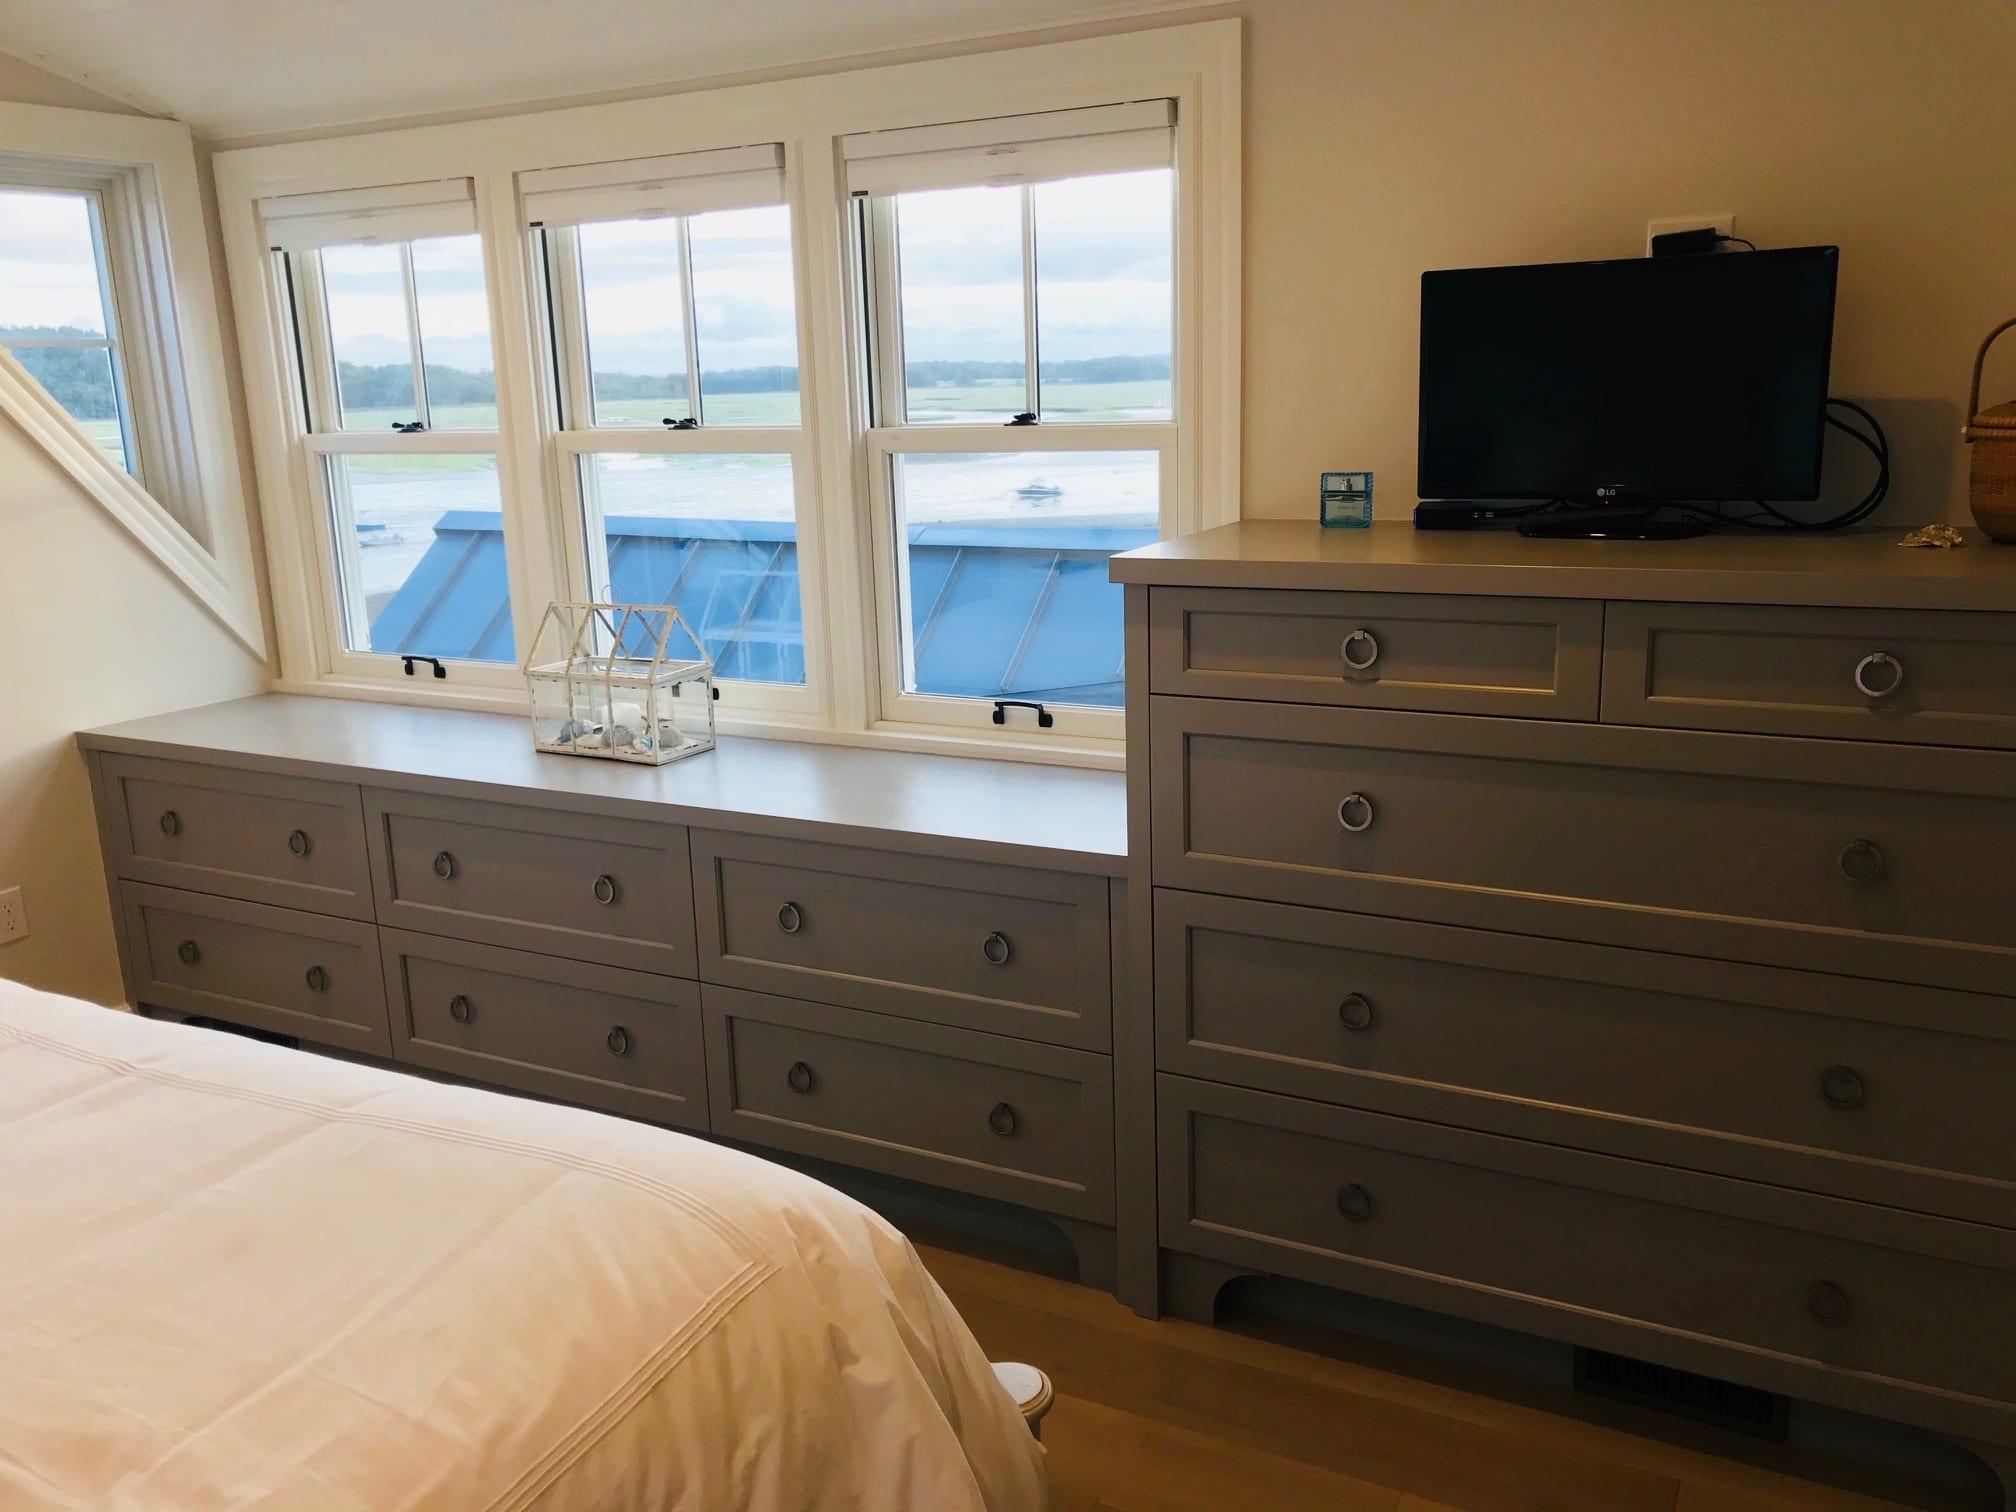 Oceanside built-in